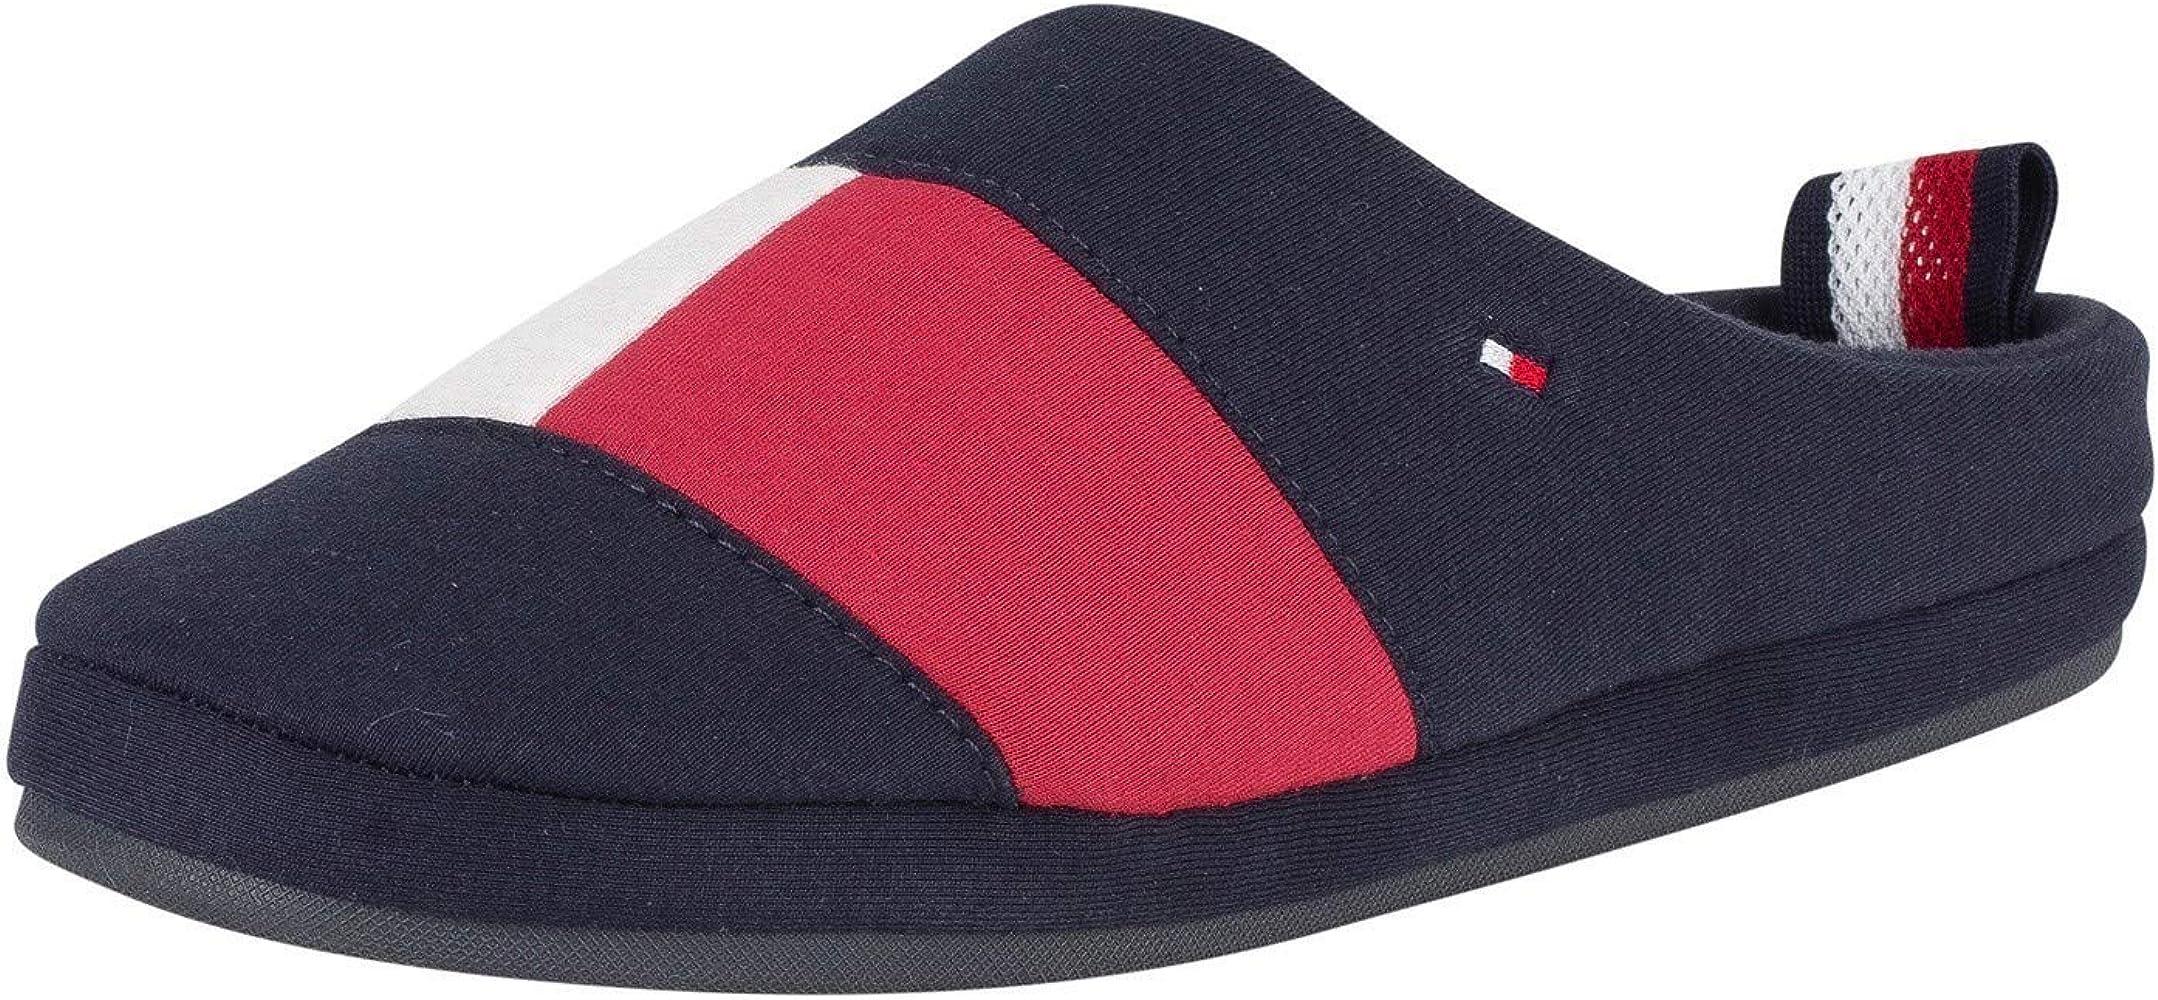 Tommy Hilfiger de los Hombres Zapatillas de casa de Bandera, Azul, 43/44 EU: Amazon.es: Zapatos y complementos